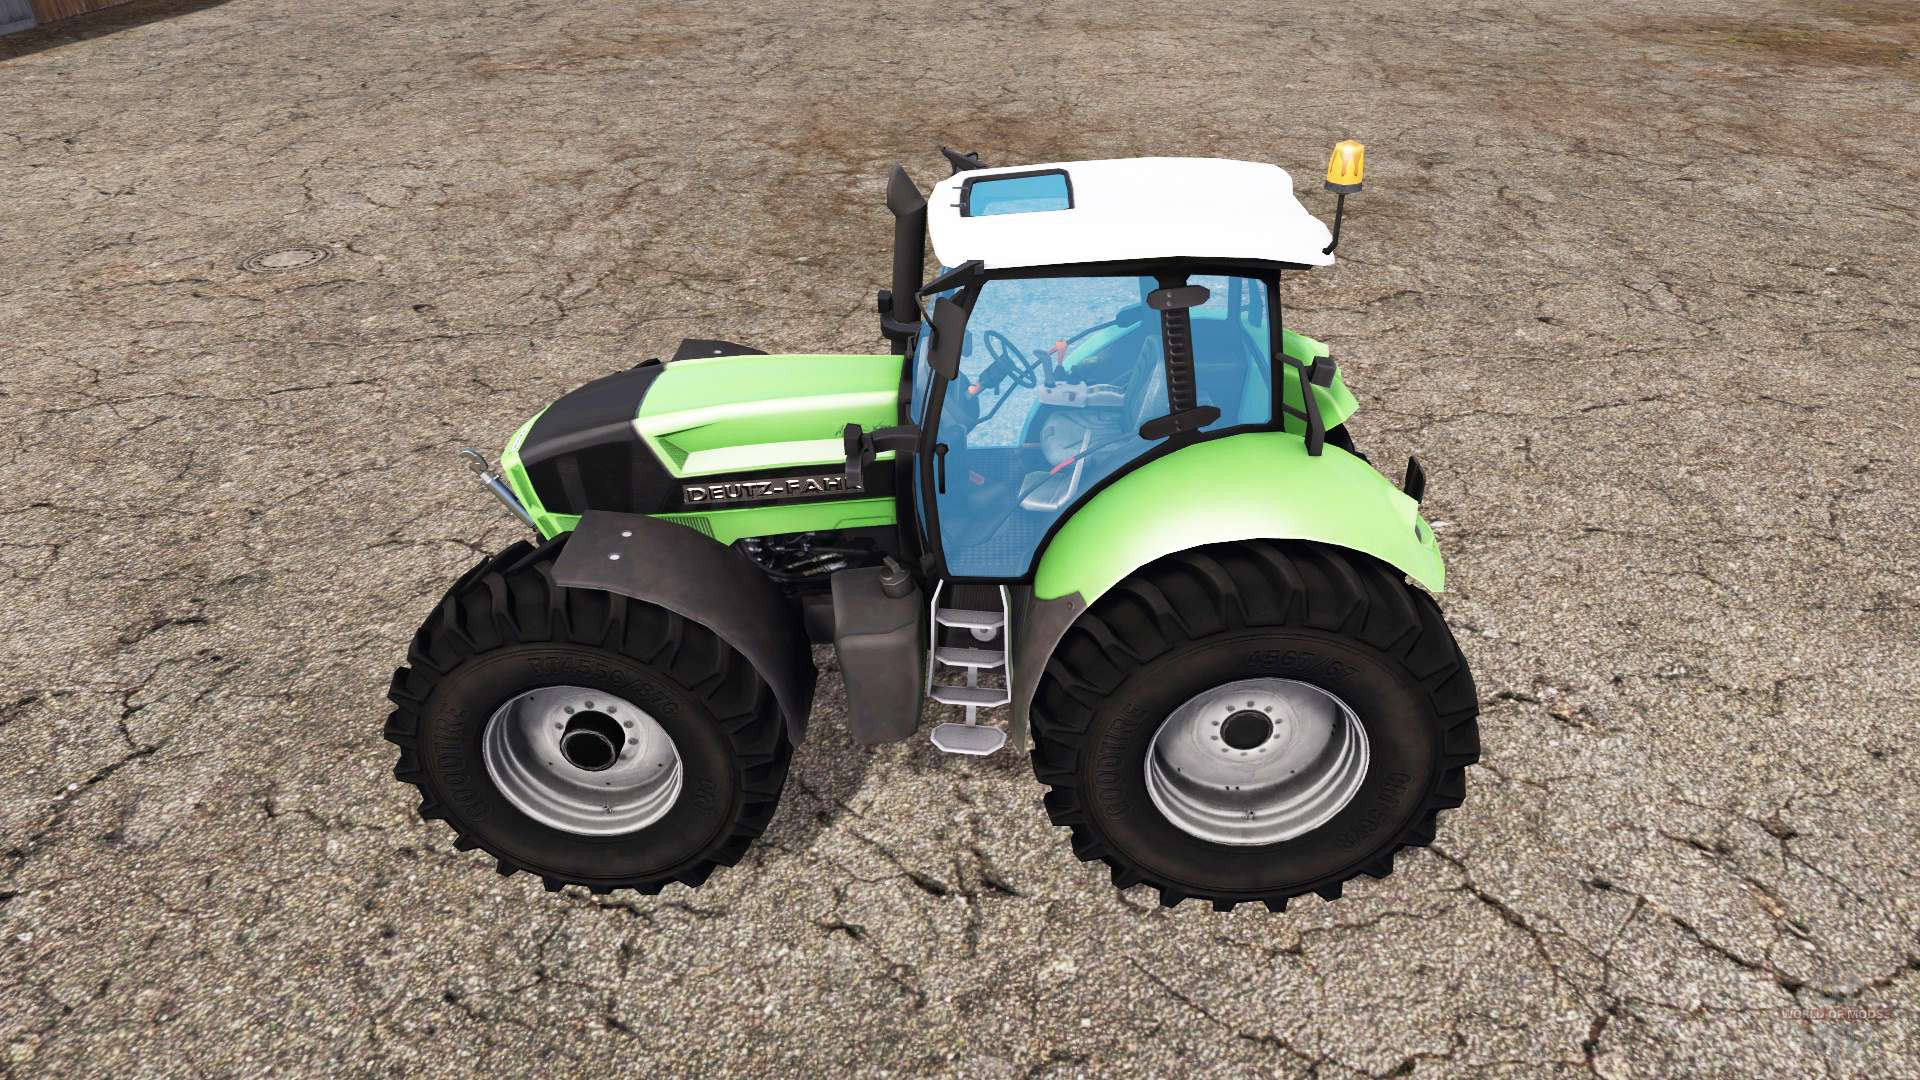 Трактор МТЗ 50 (Беларус): преимущества и недостатки